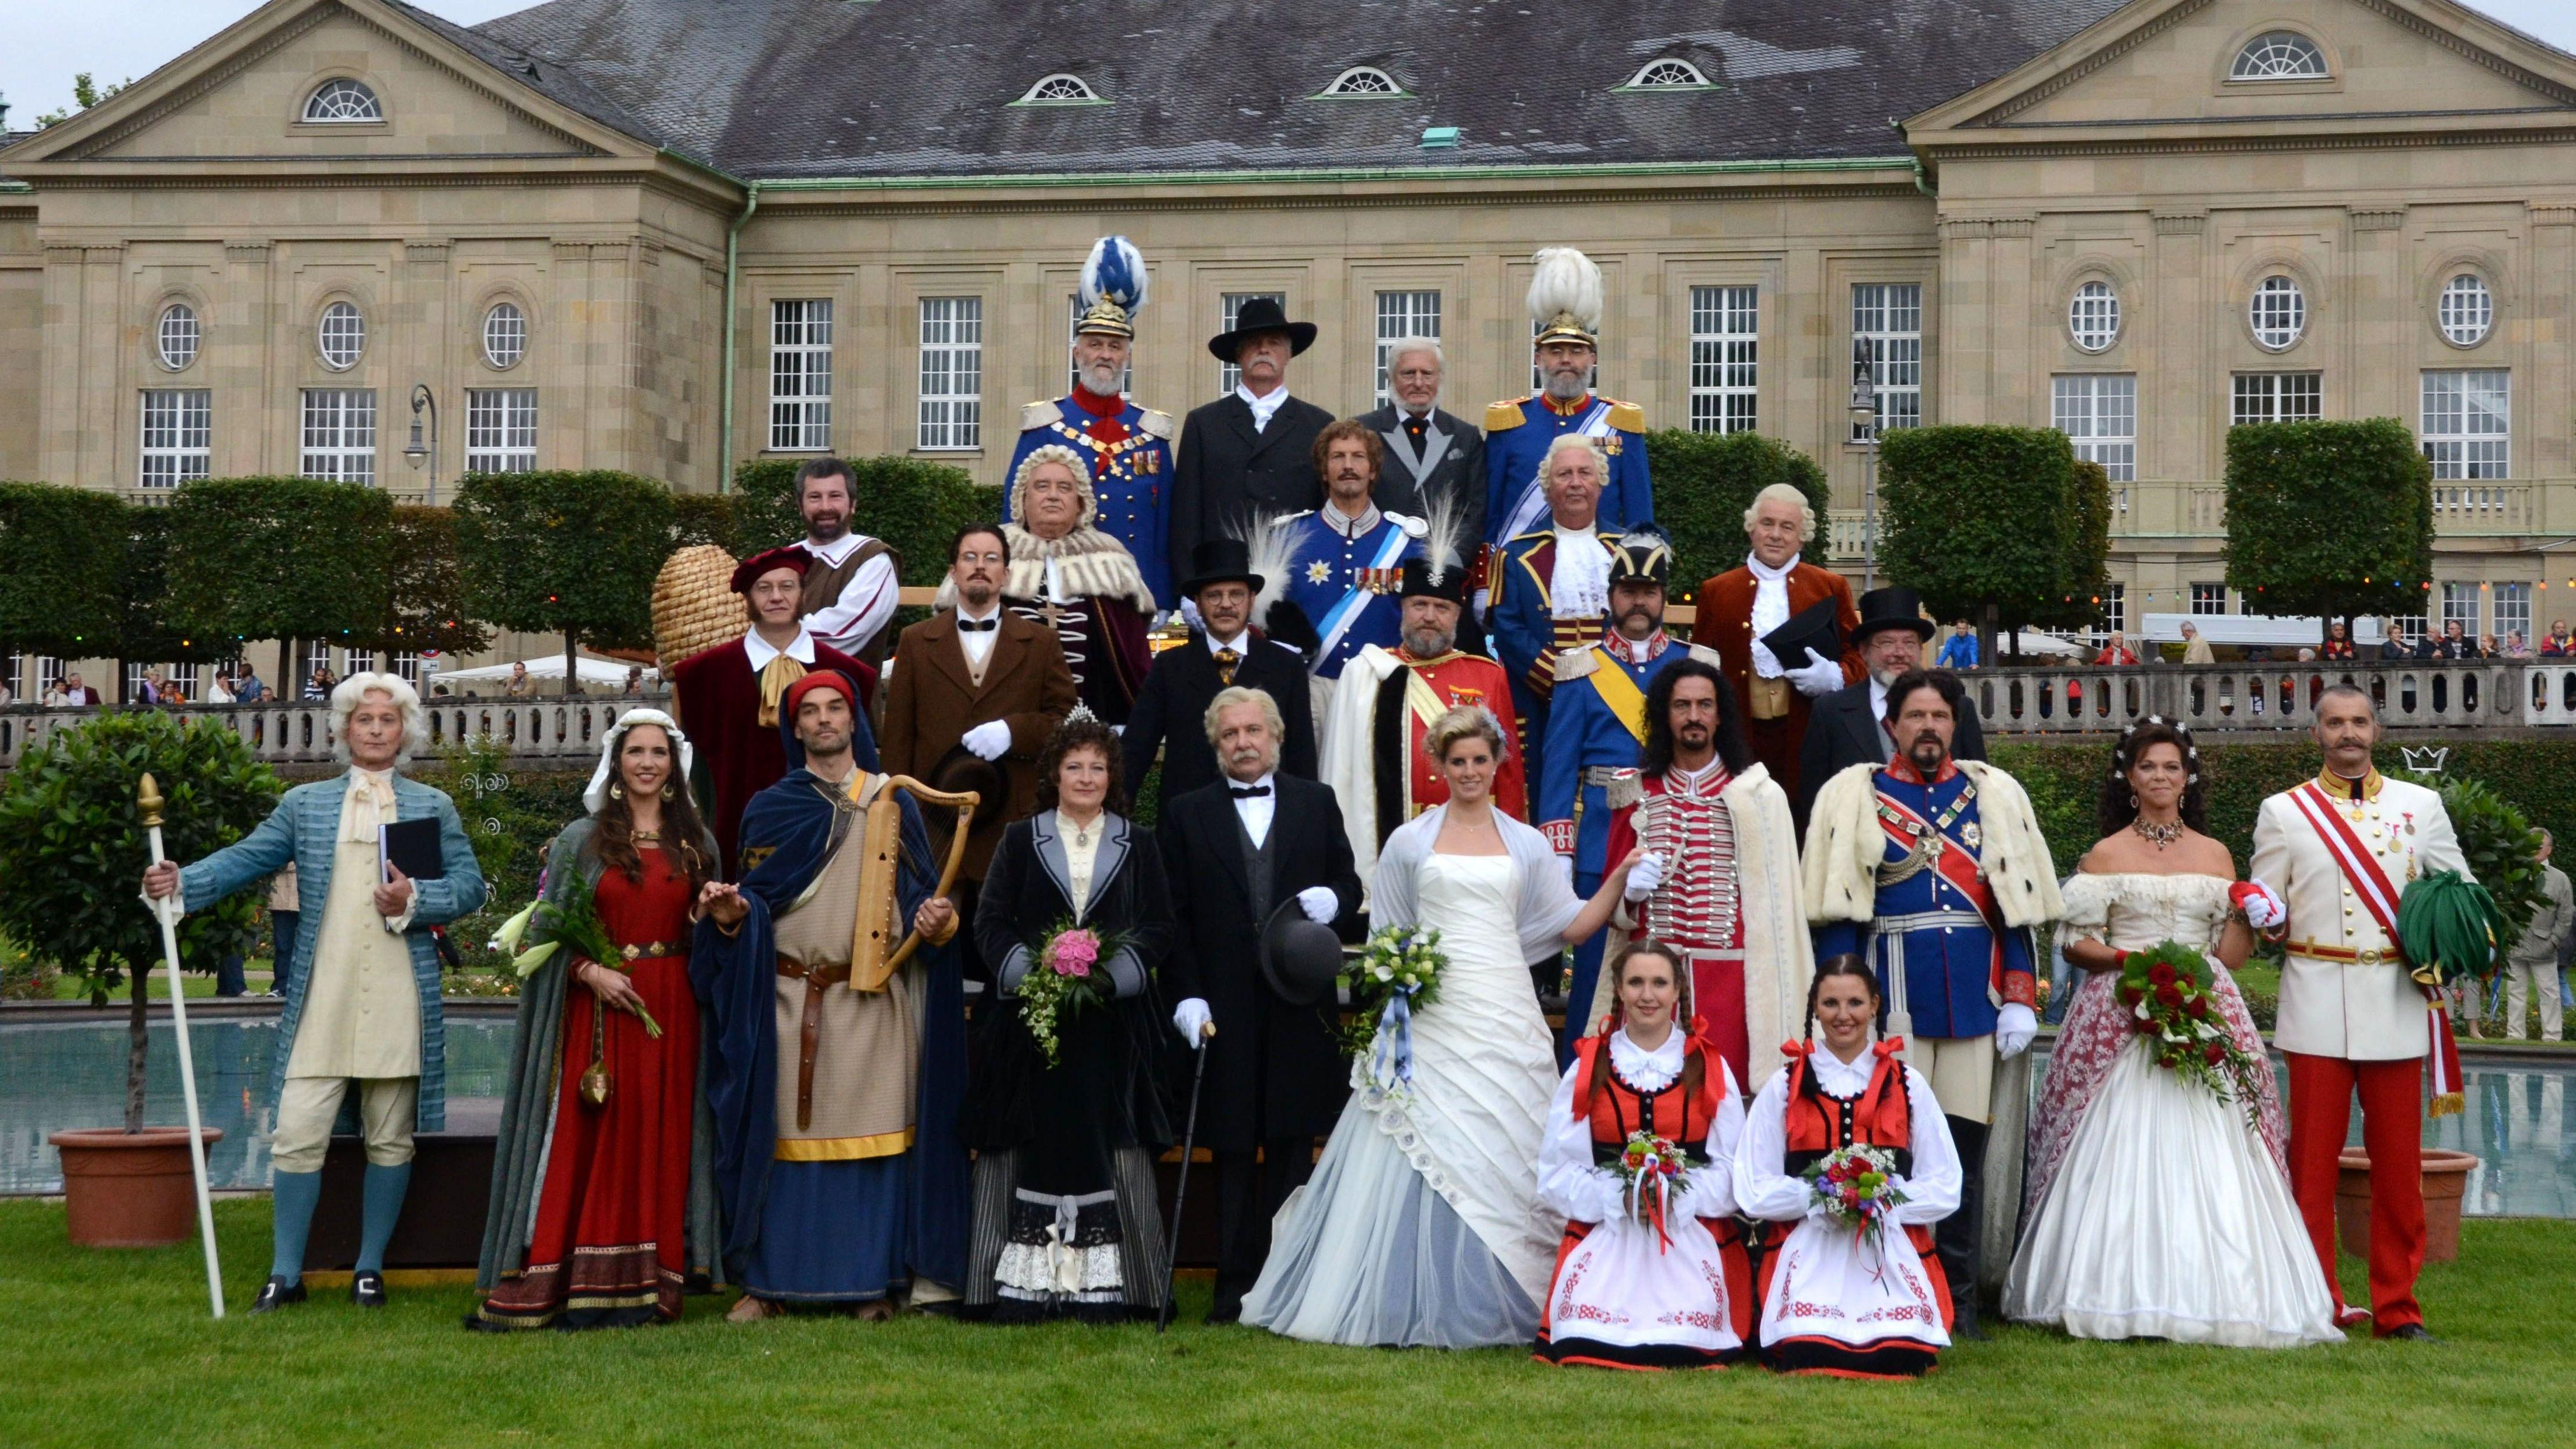 Als historische Persönlichkeiten verkleidete Bürger beim Rakoczy-Fest in bad Kissingen